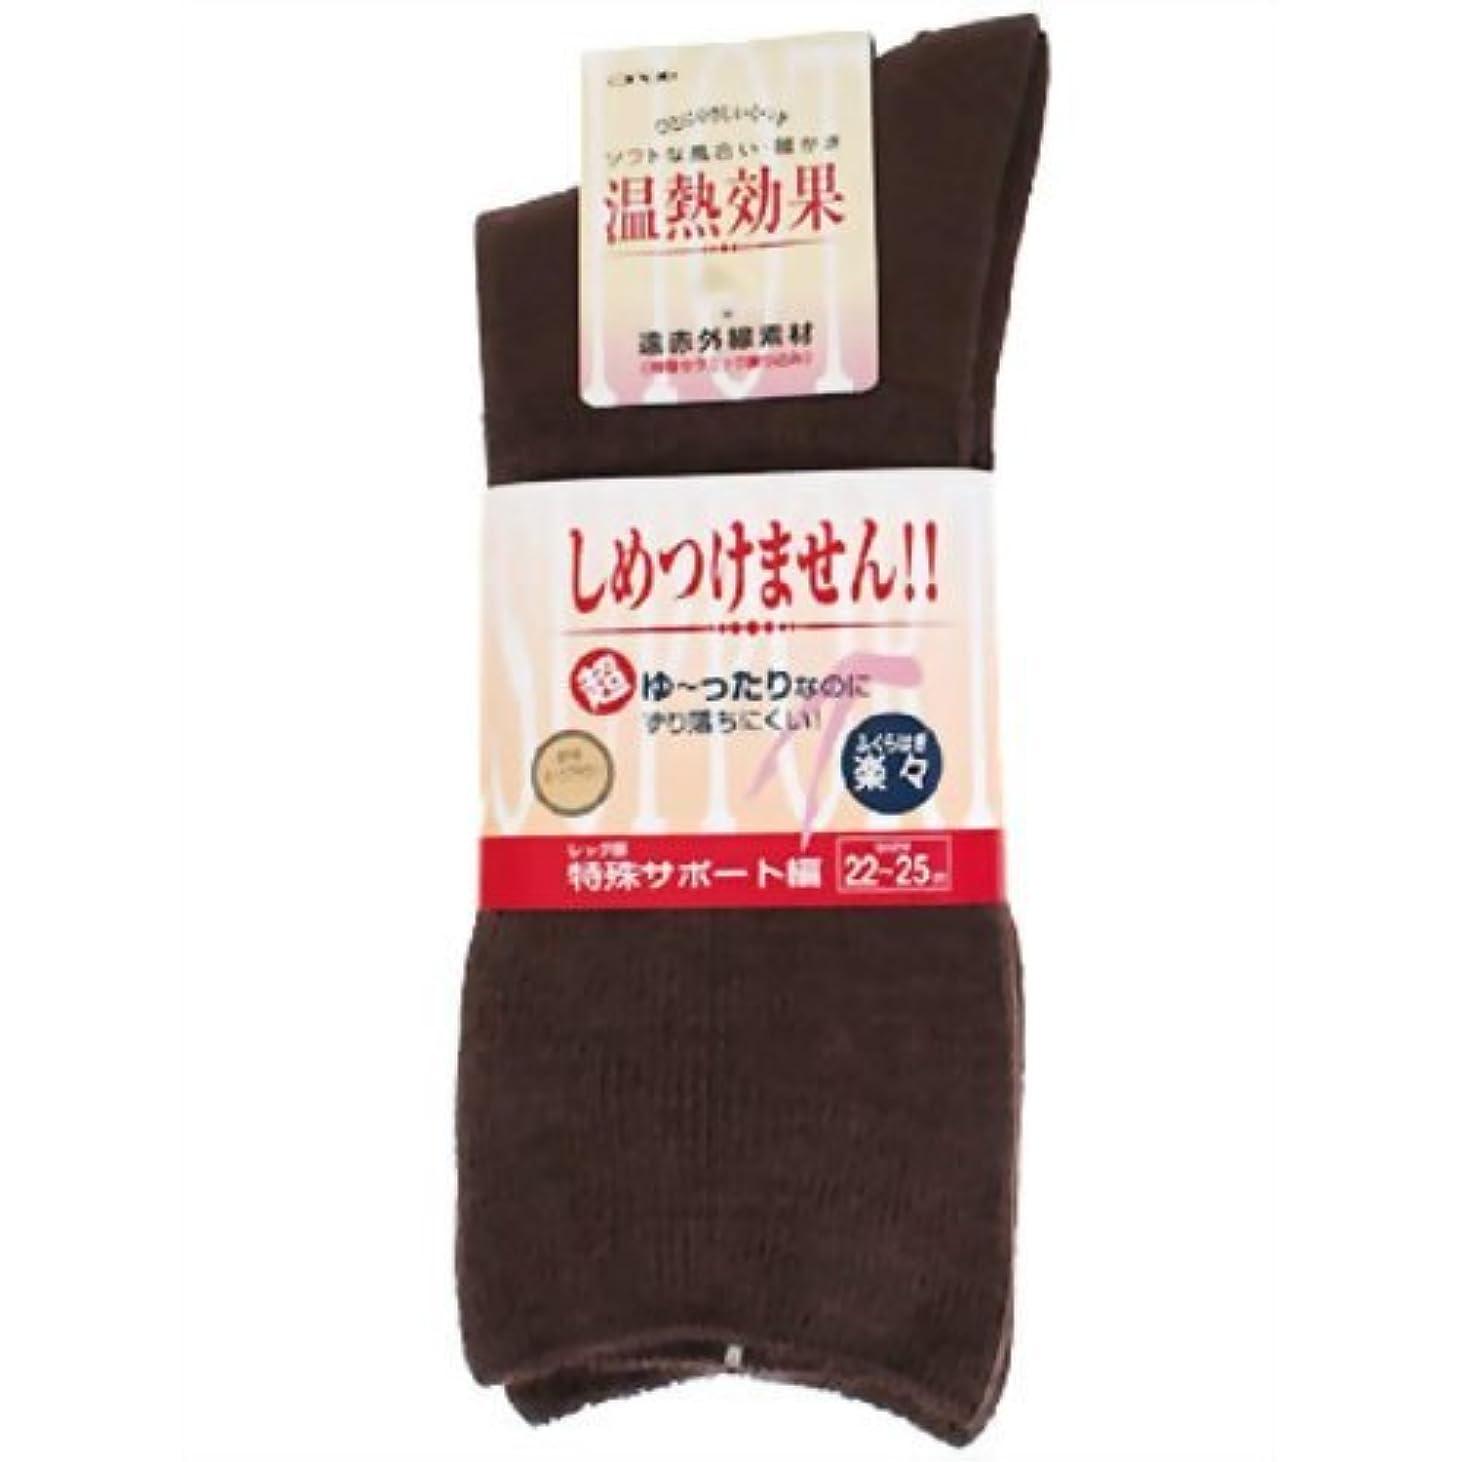 バッグパノラマバルク楽らくソックス婦人用秋冬用 22~25cm ダークブラウン